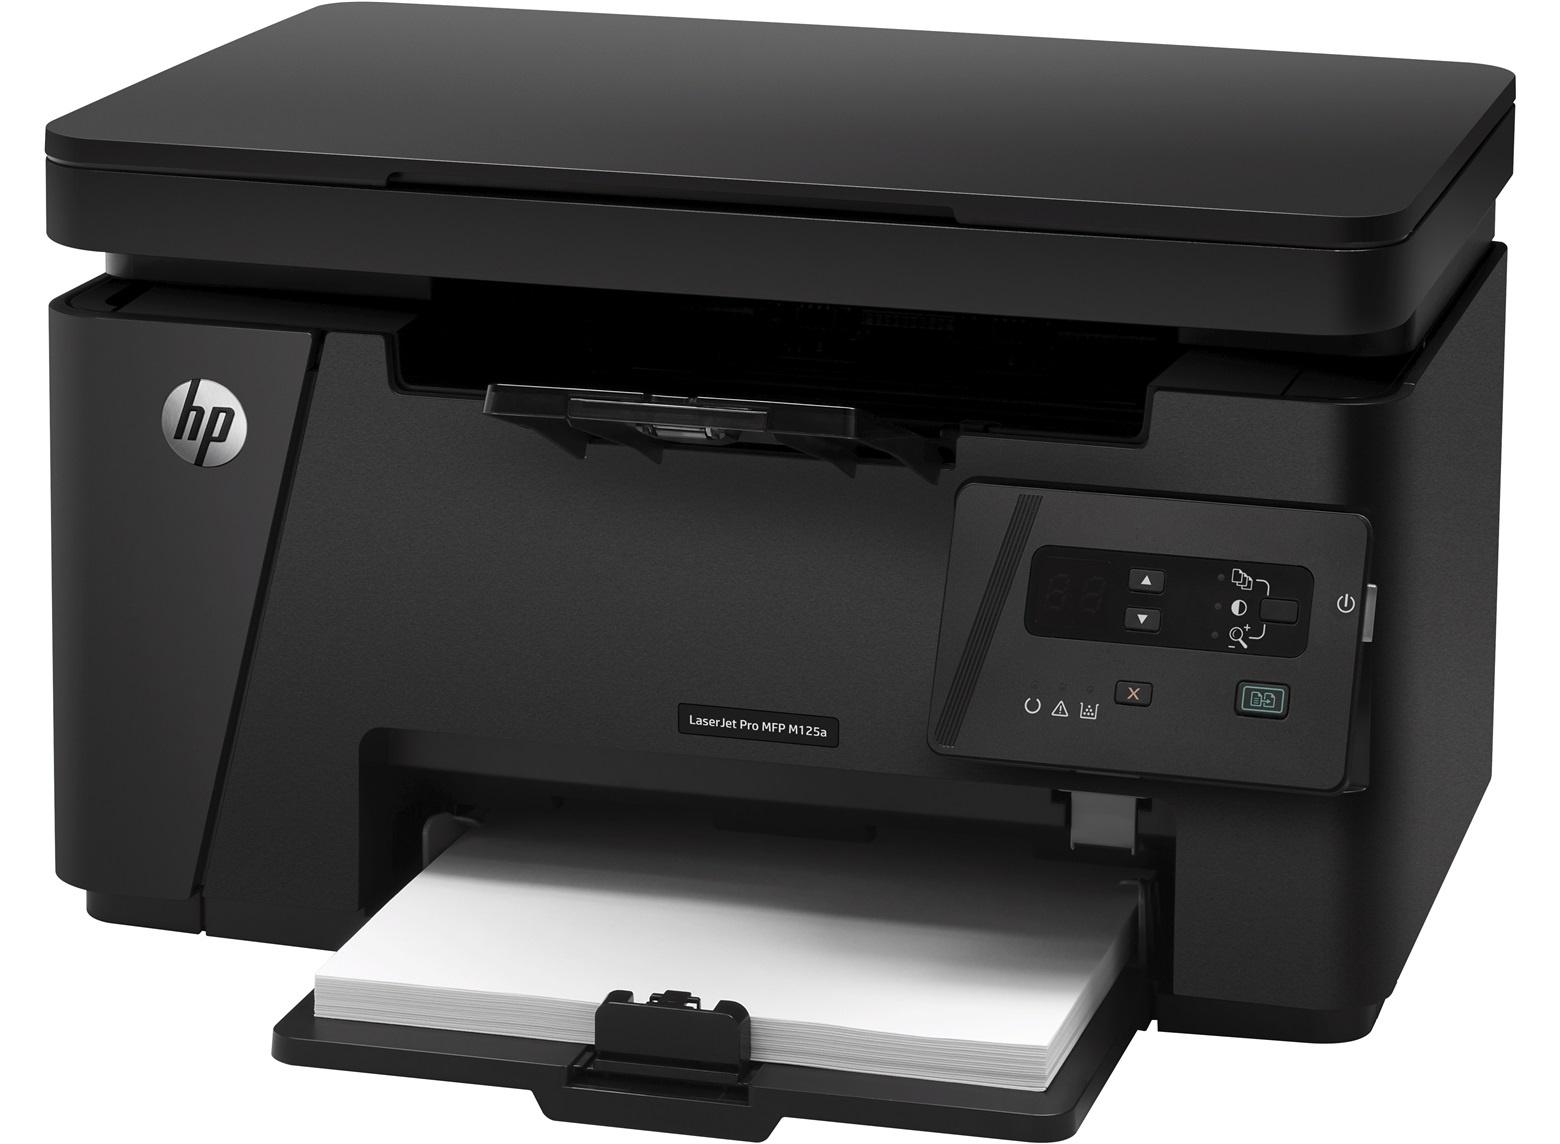 Cкачать драйвер HP LaserJet Pro MFP M125ra бесплатно